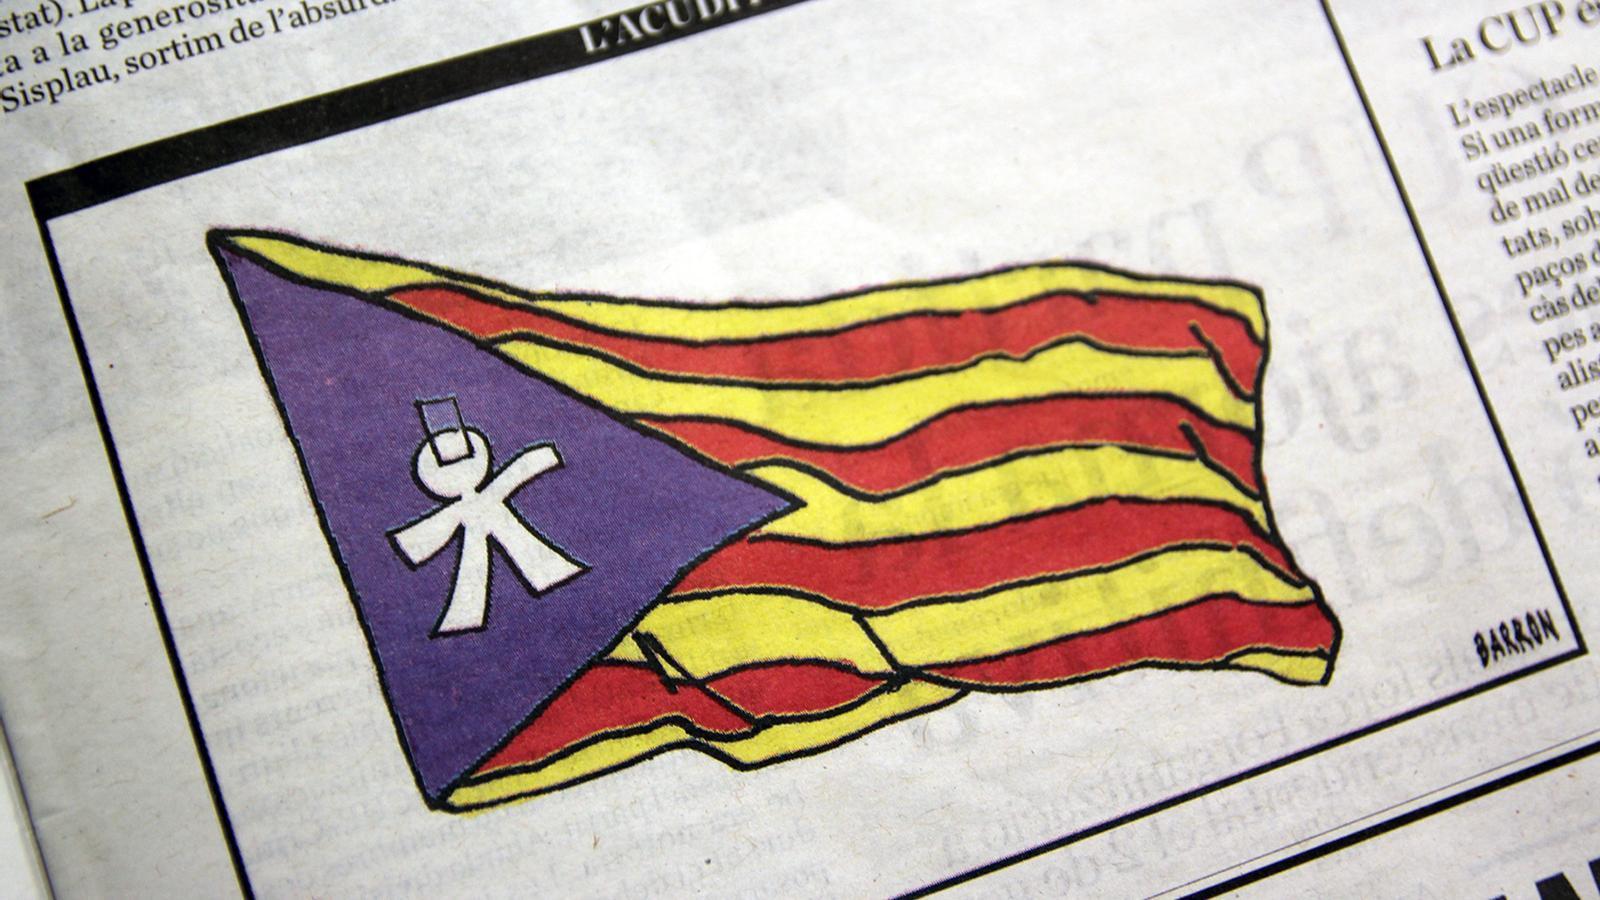 L'editorial d'Antoni Bassas: Res no és en va